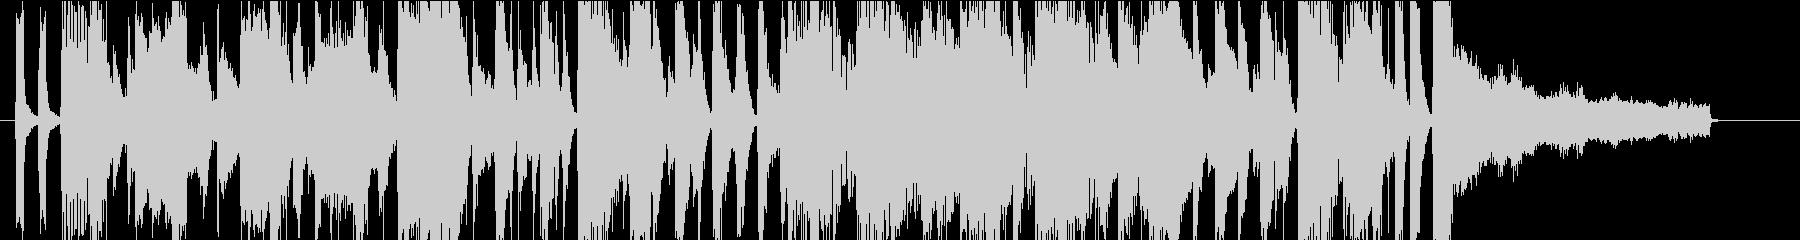 30秒CMサイズ 明るく元気な4ビートの未再生の波形